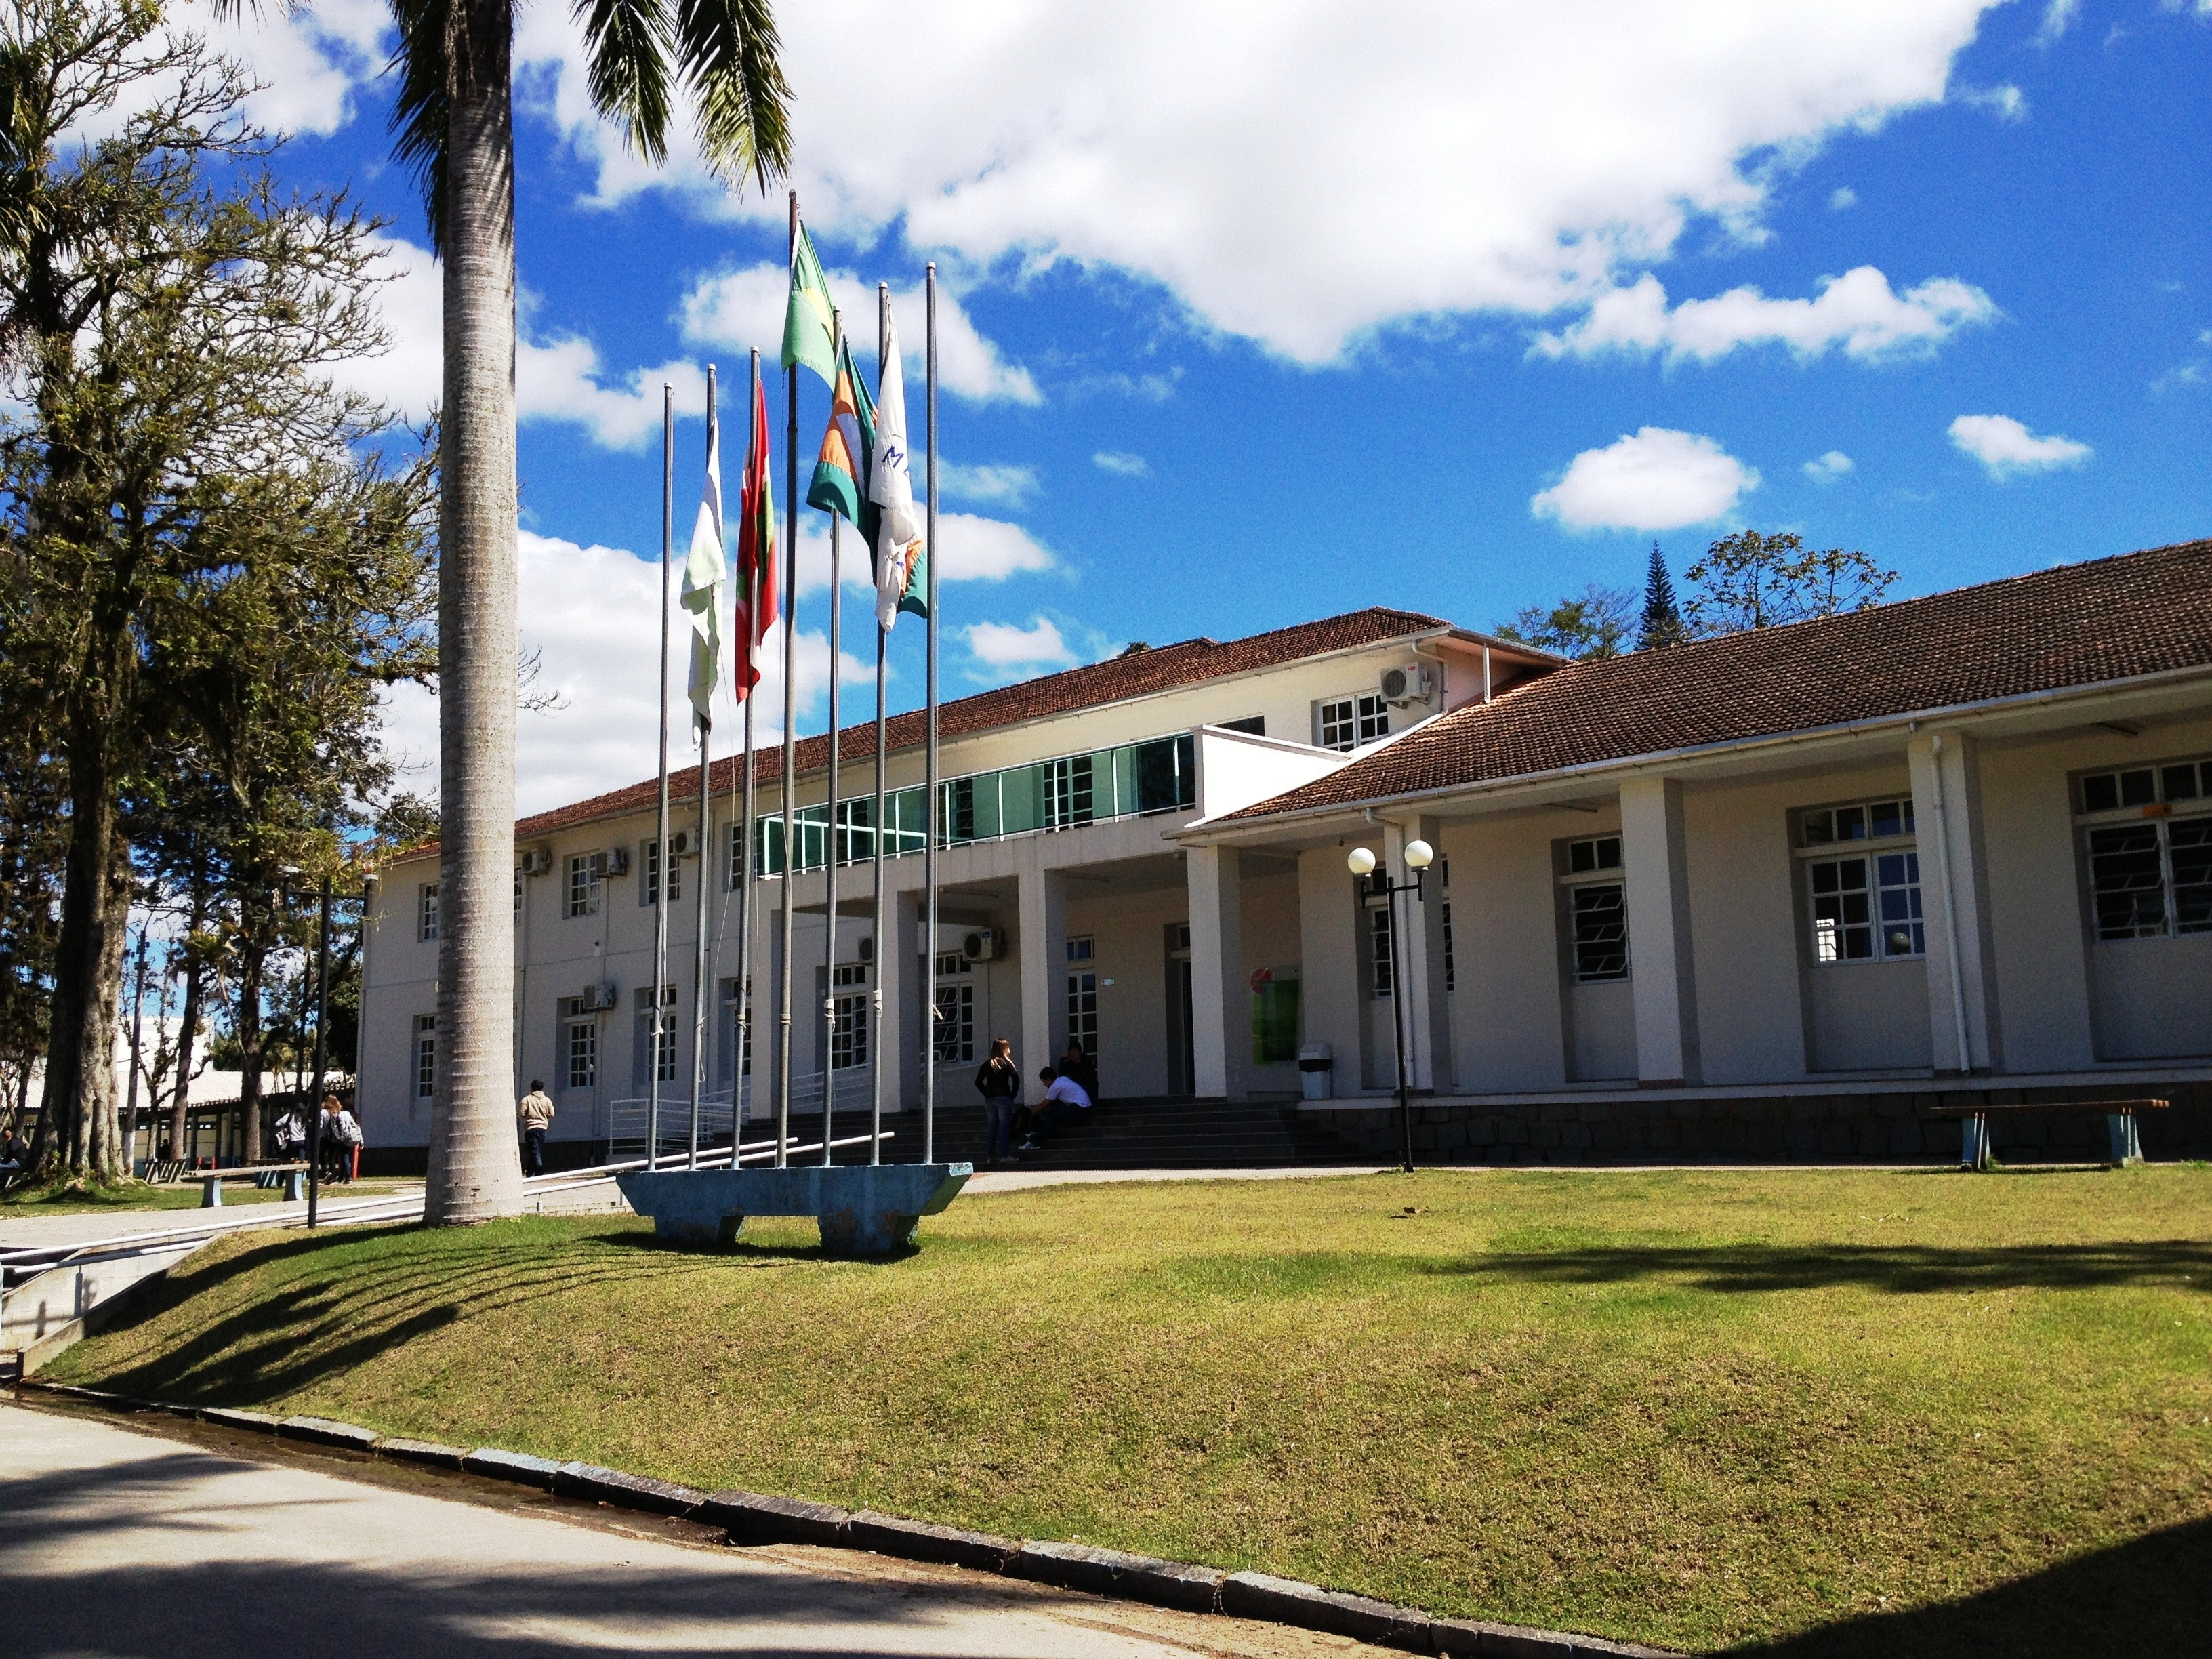 IFC abre inscrições para exame de classificação de cursos técnicos em 15 cidades de SC - Notícias - Plantão Diário